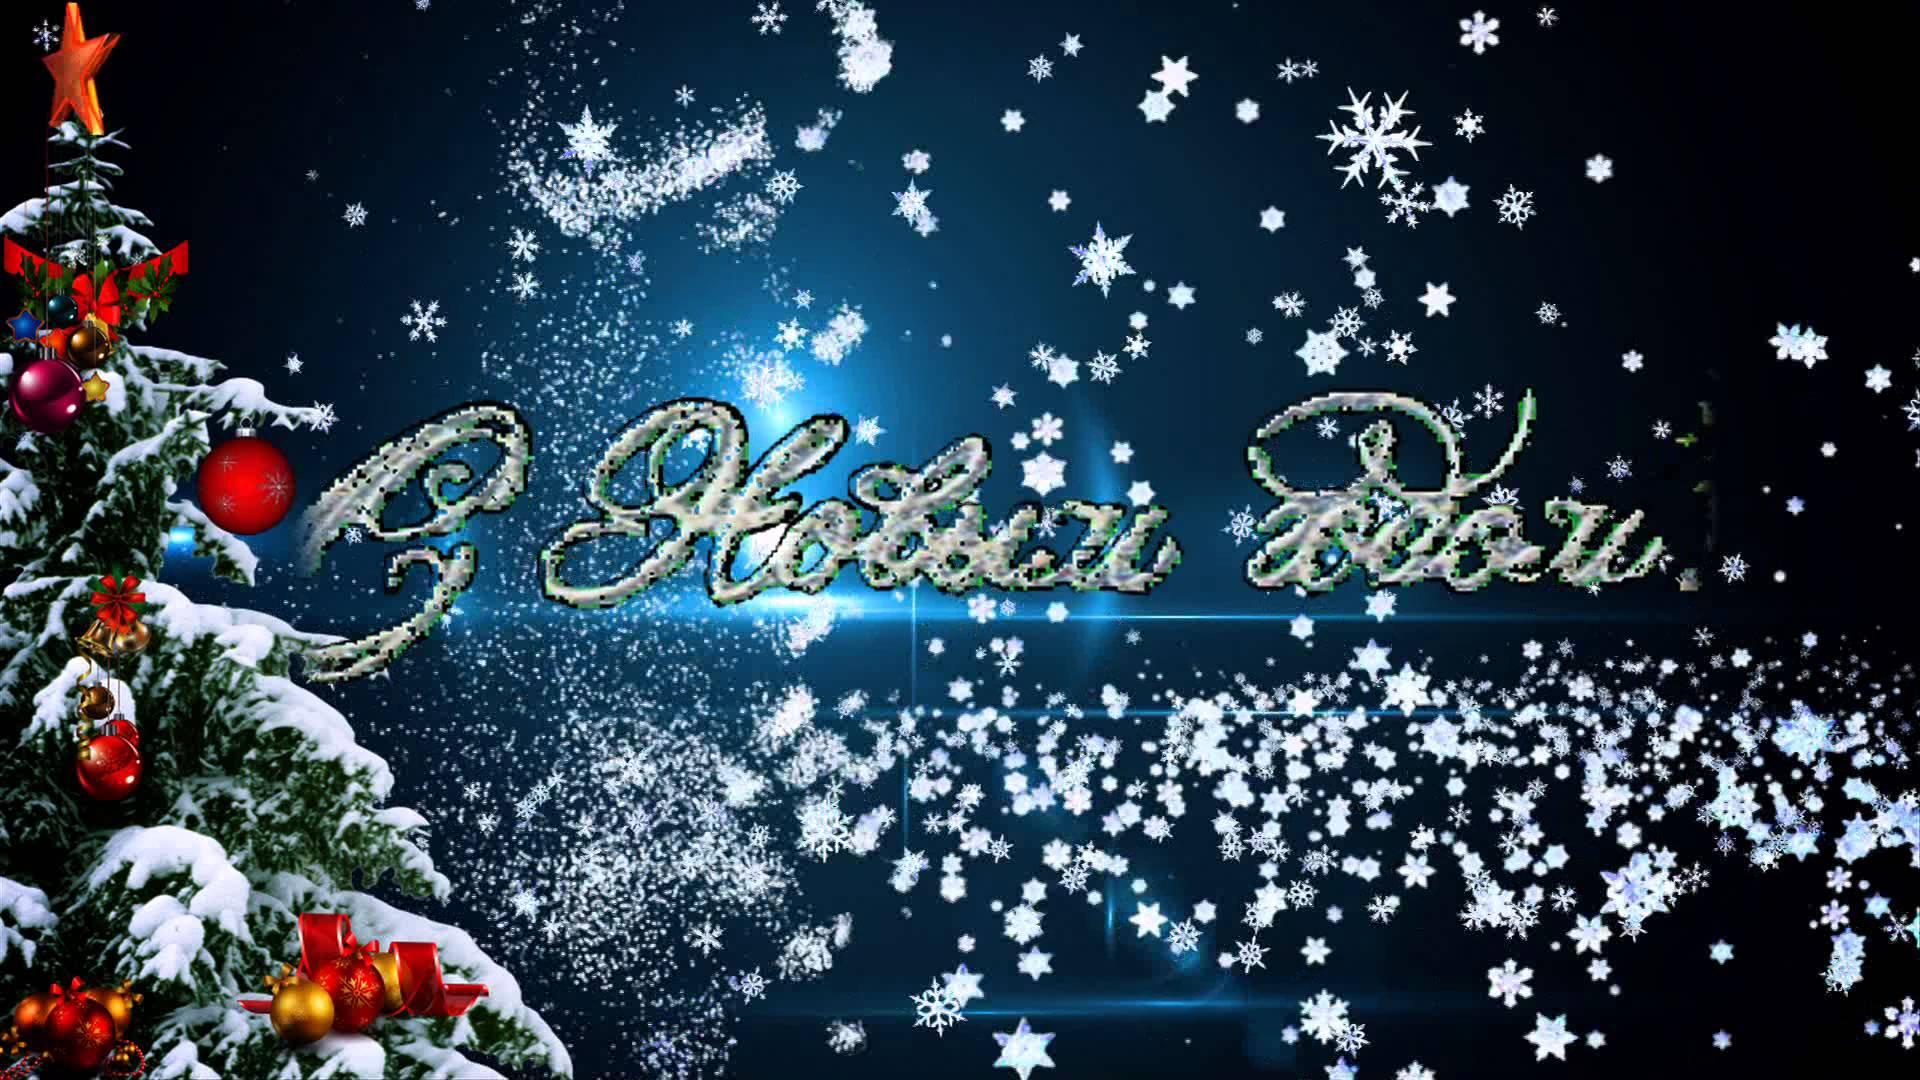 Картинки видео с новым годом